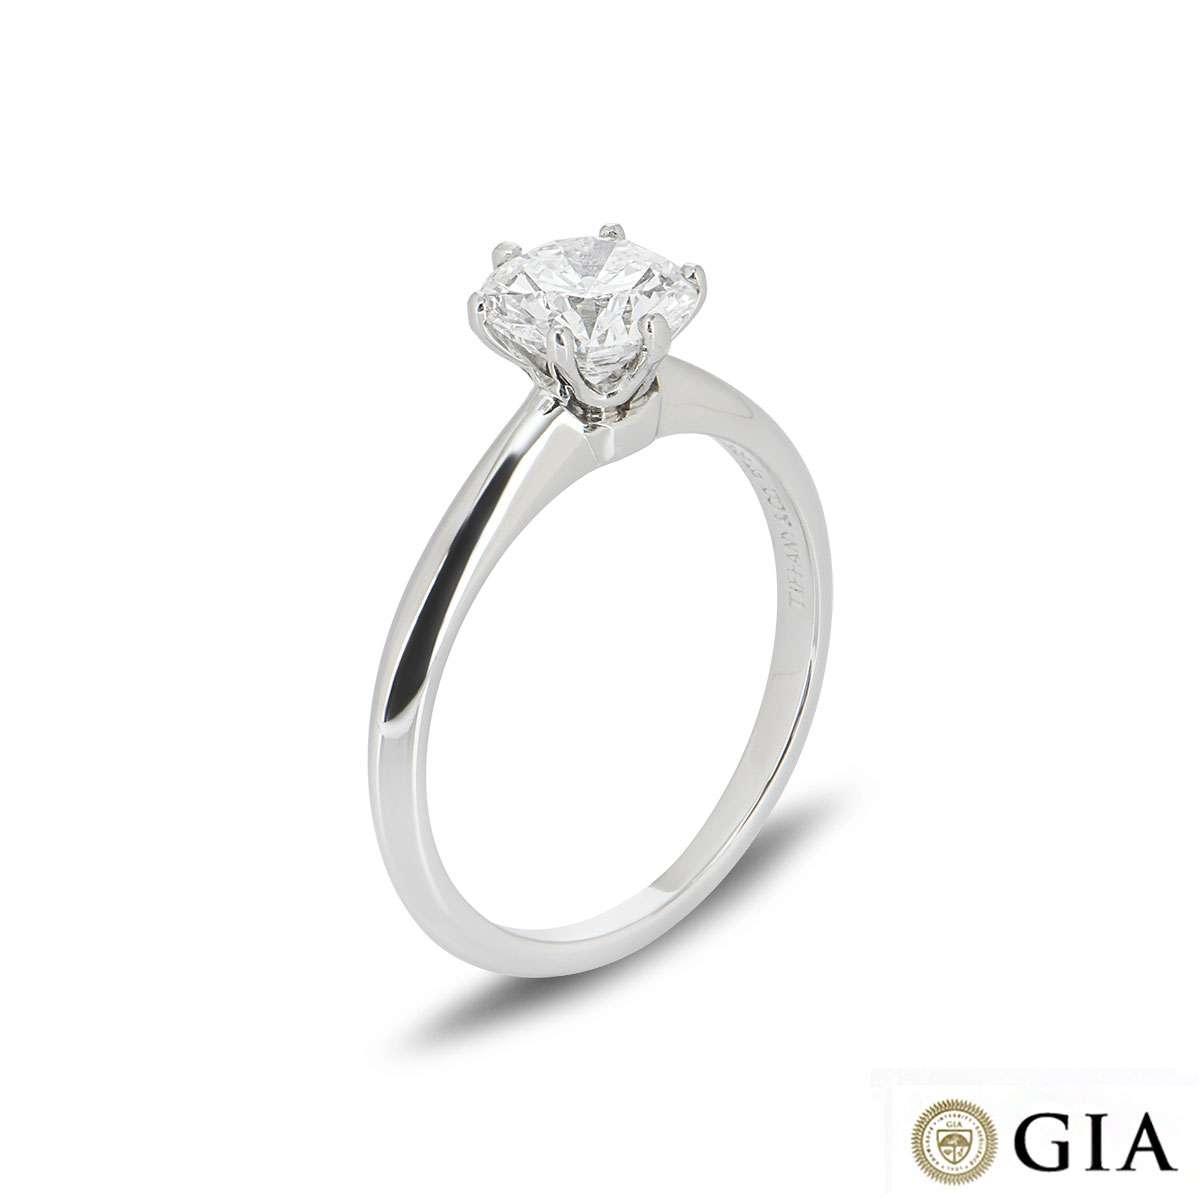 Round Brilliant Cut Diamond Ring in Platinum 1.02ct F/VVS2 XXX